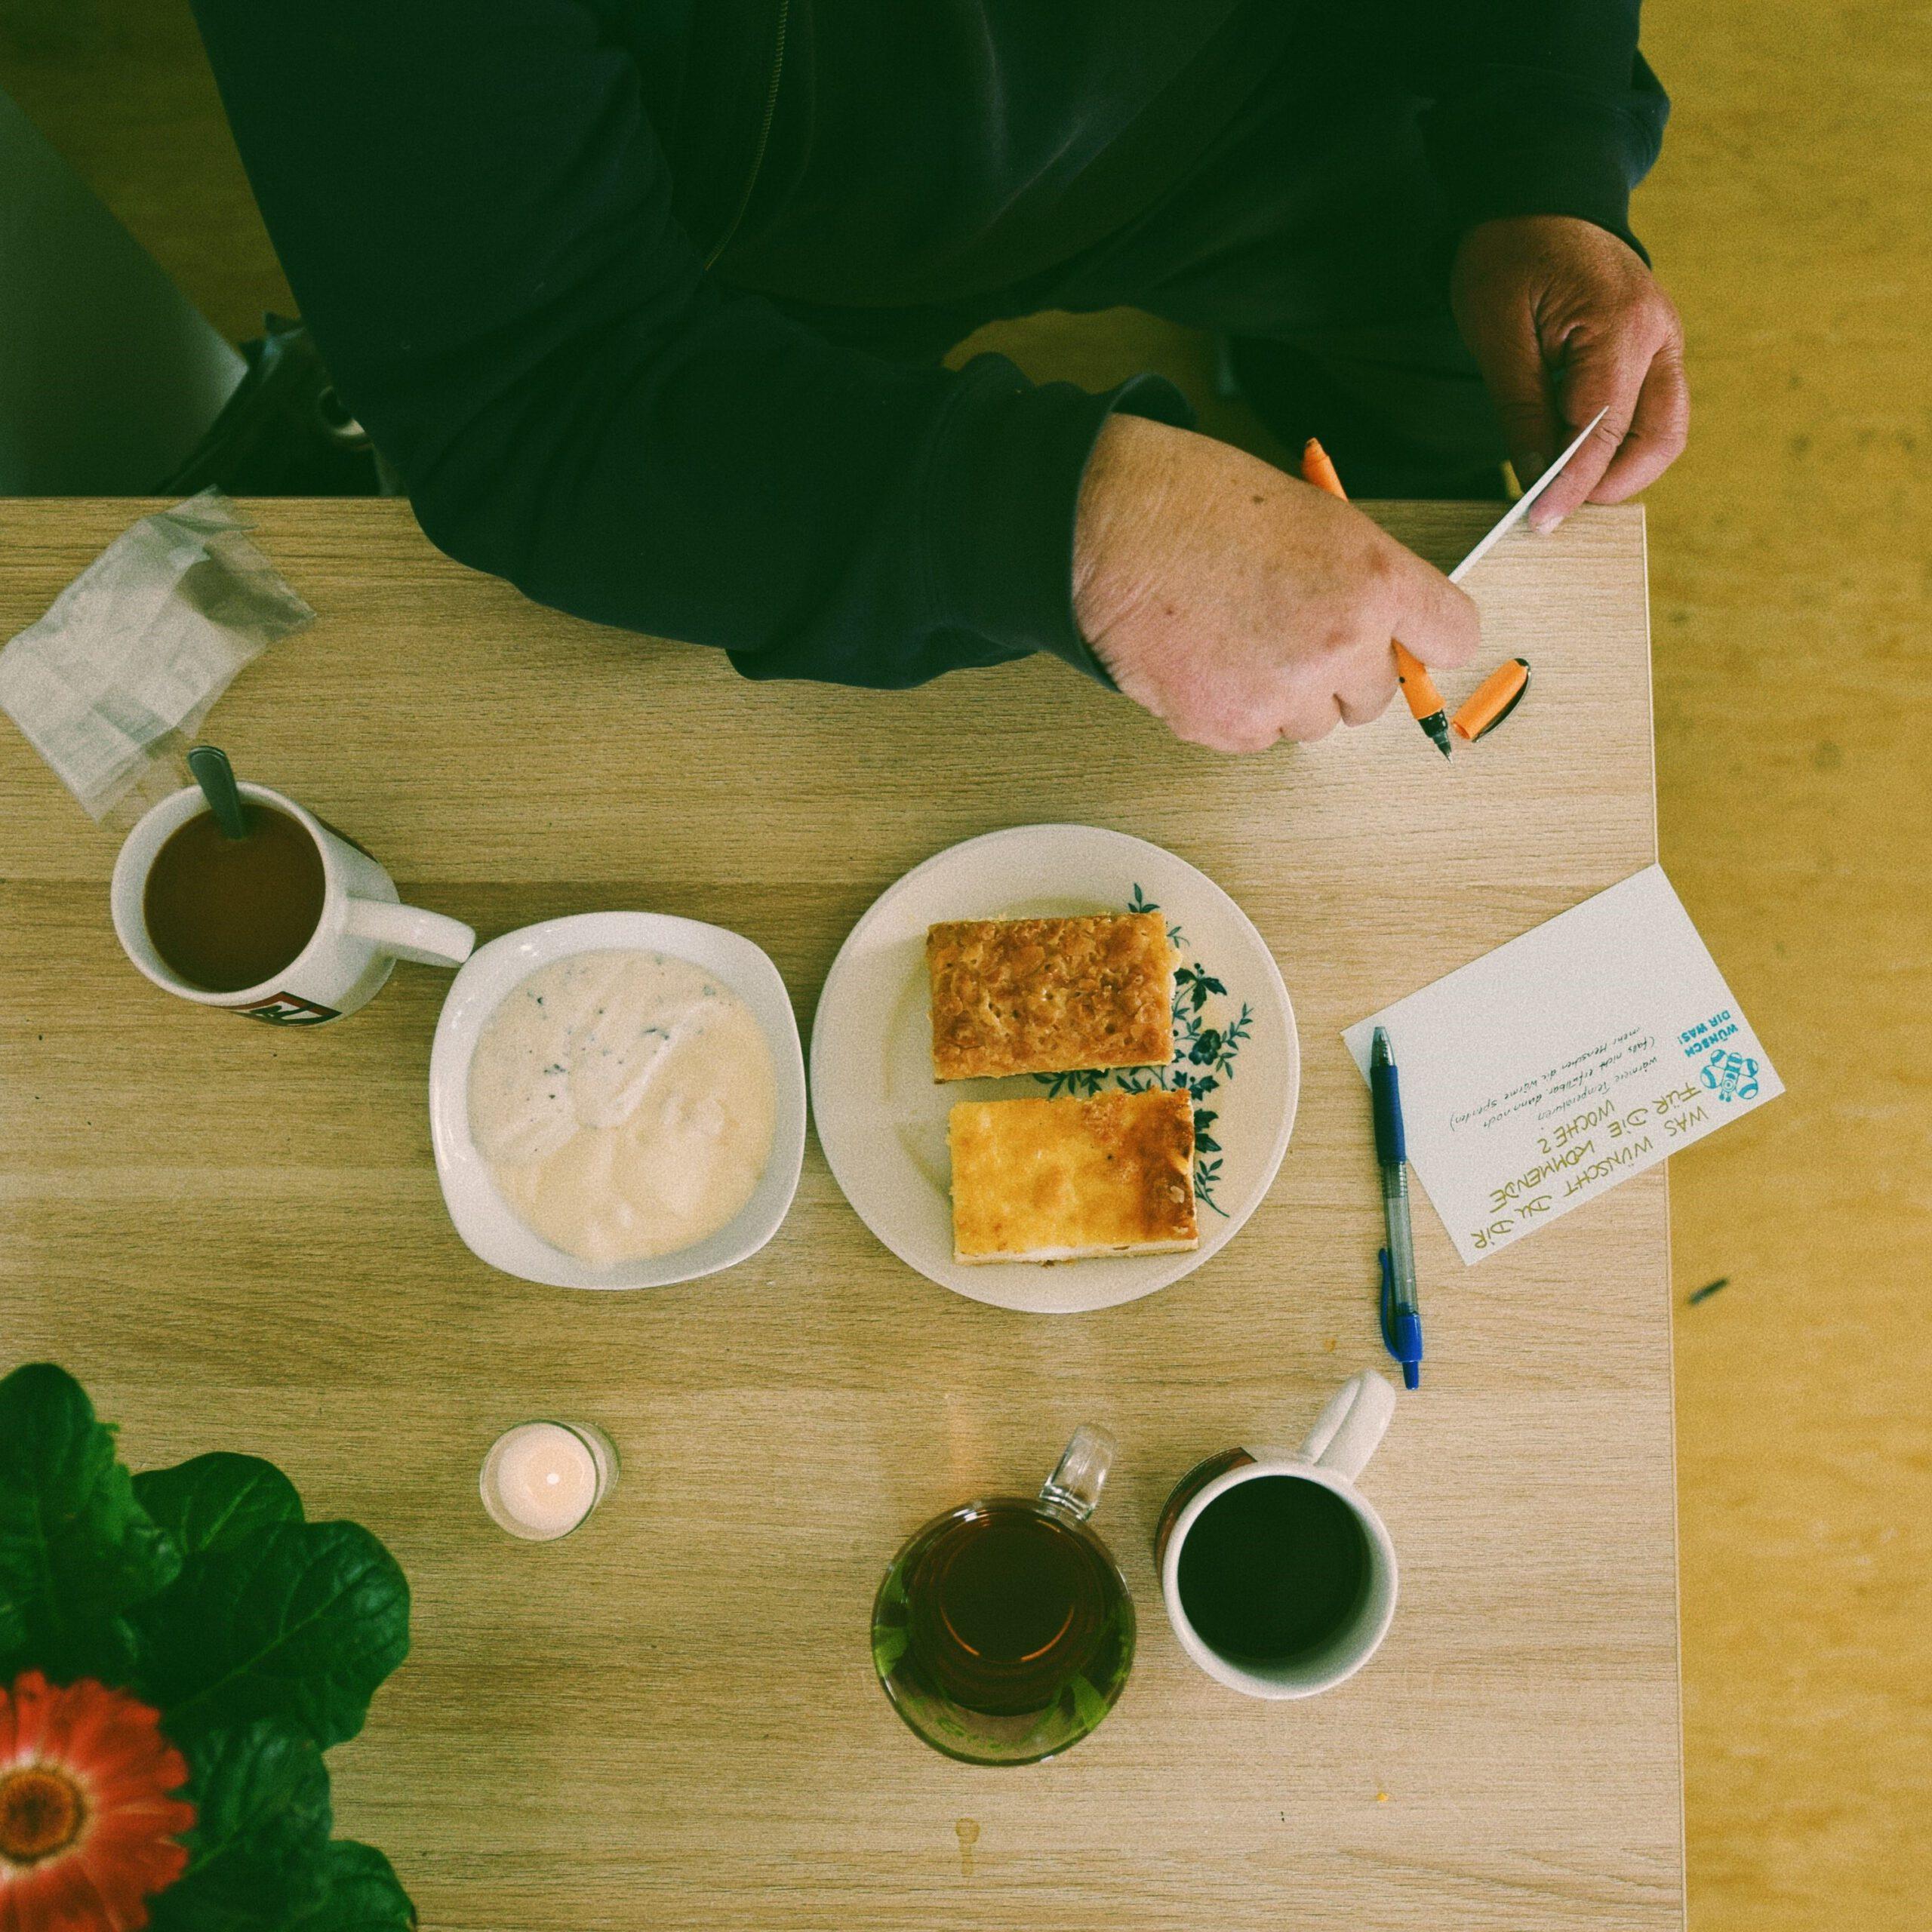 Tisch mit Speisen und Getränken